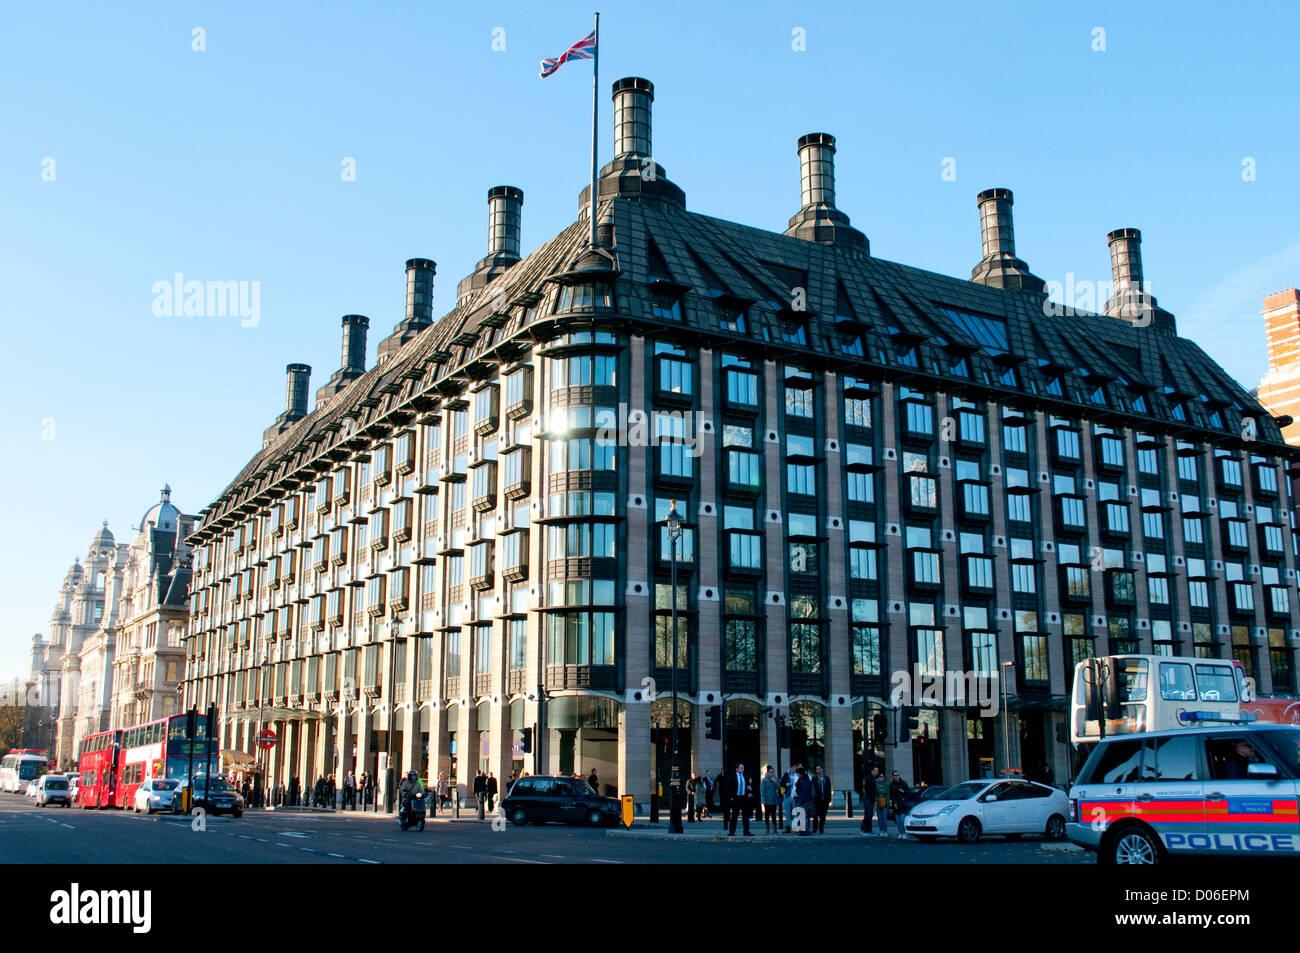 Portcullis House, frente al Big Ben y las Casas del Parlamento, London, UK Foto de stock